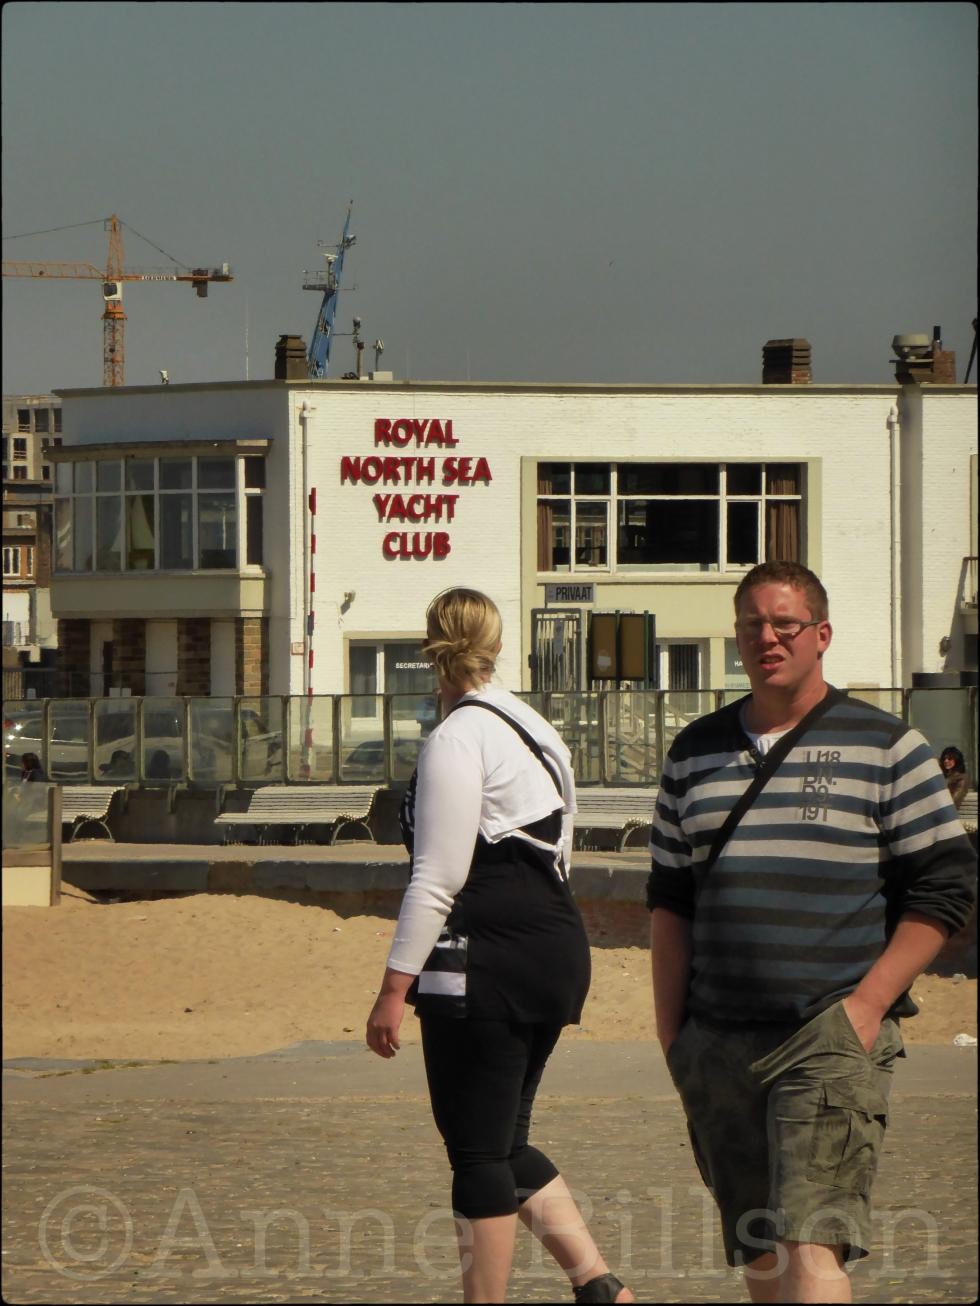 Royal North Sea Yacht Club bis: Montgomerykaai, Oostende.